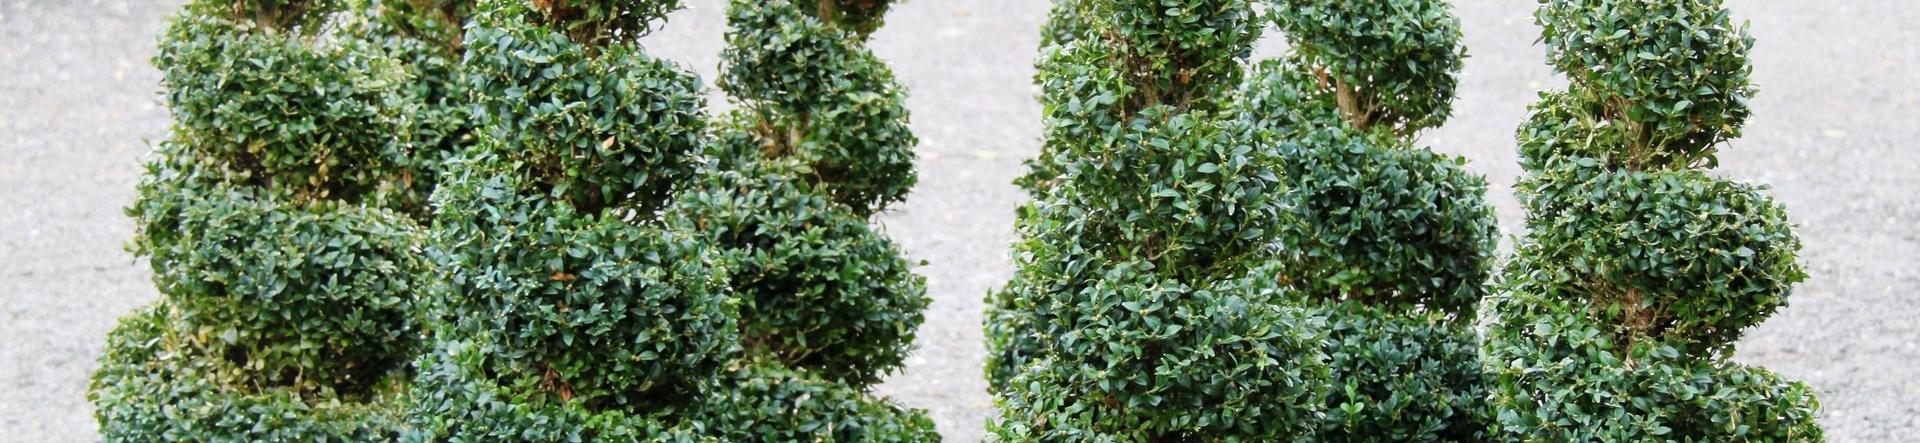 Buxus sempervirens spirals